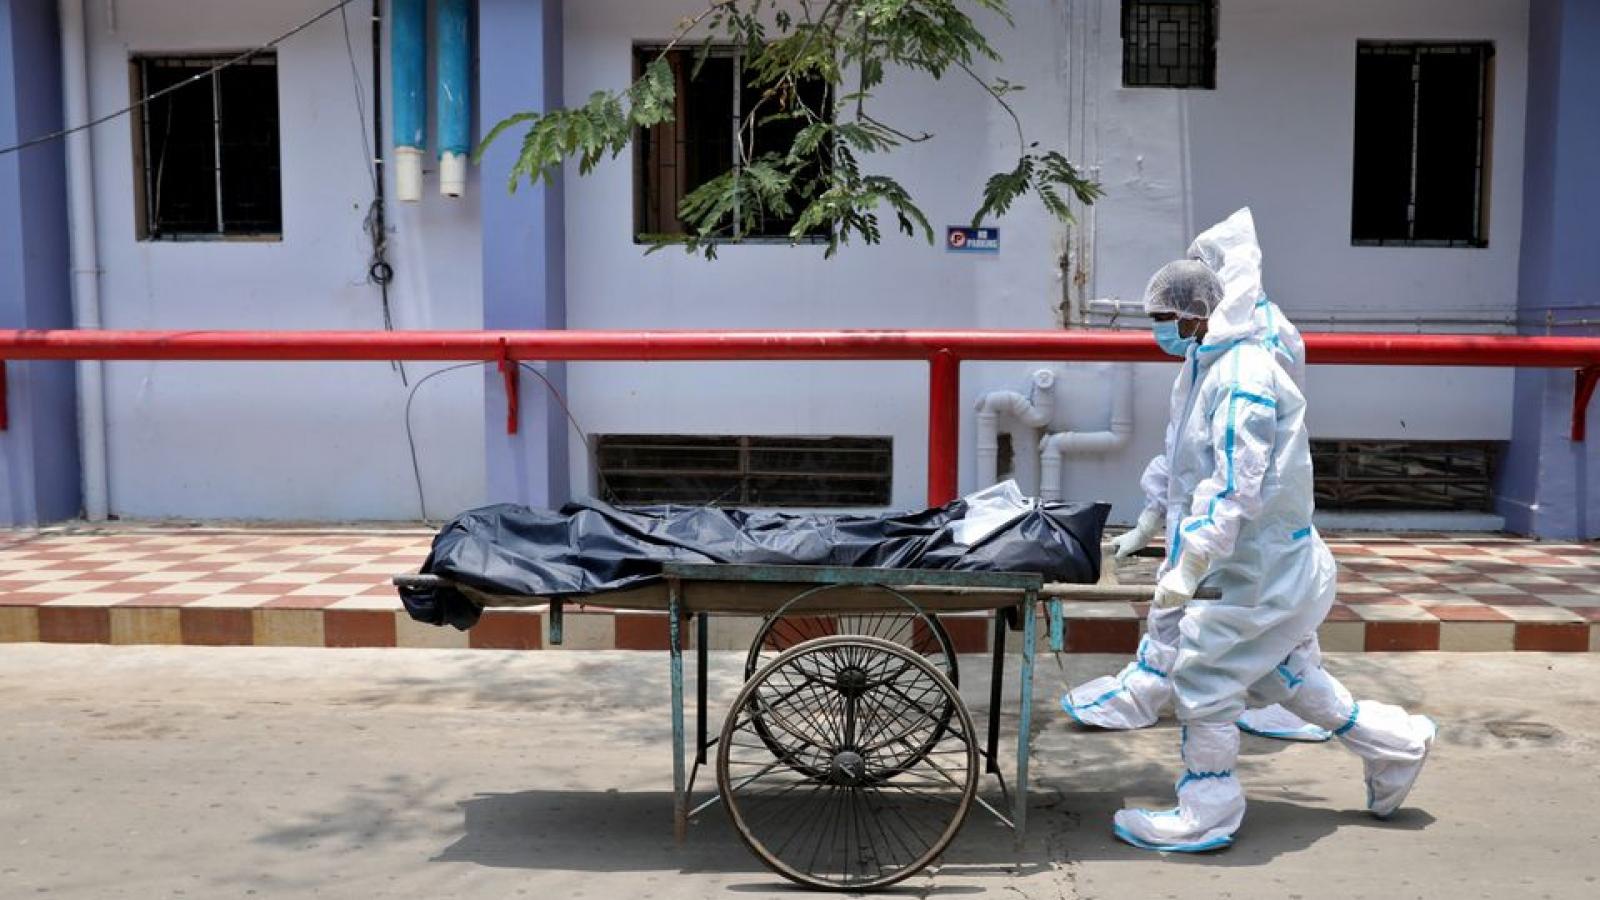 Ấn Độ ghi nhận hơn 4.000 ca tử vong do Covid-19 trong ngày thứ hai liên tiếp